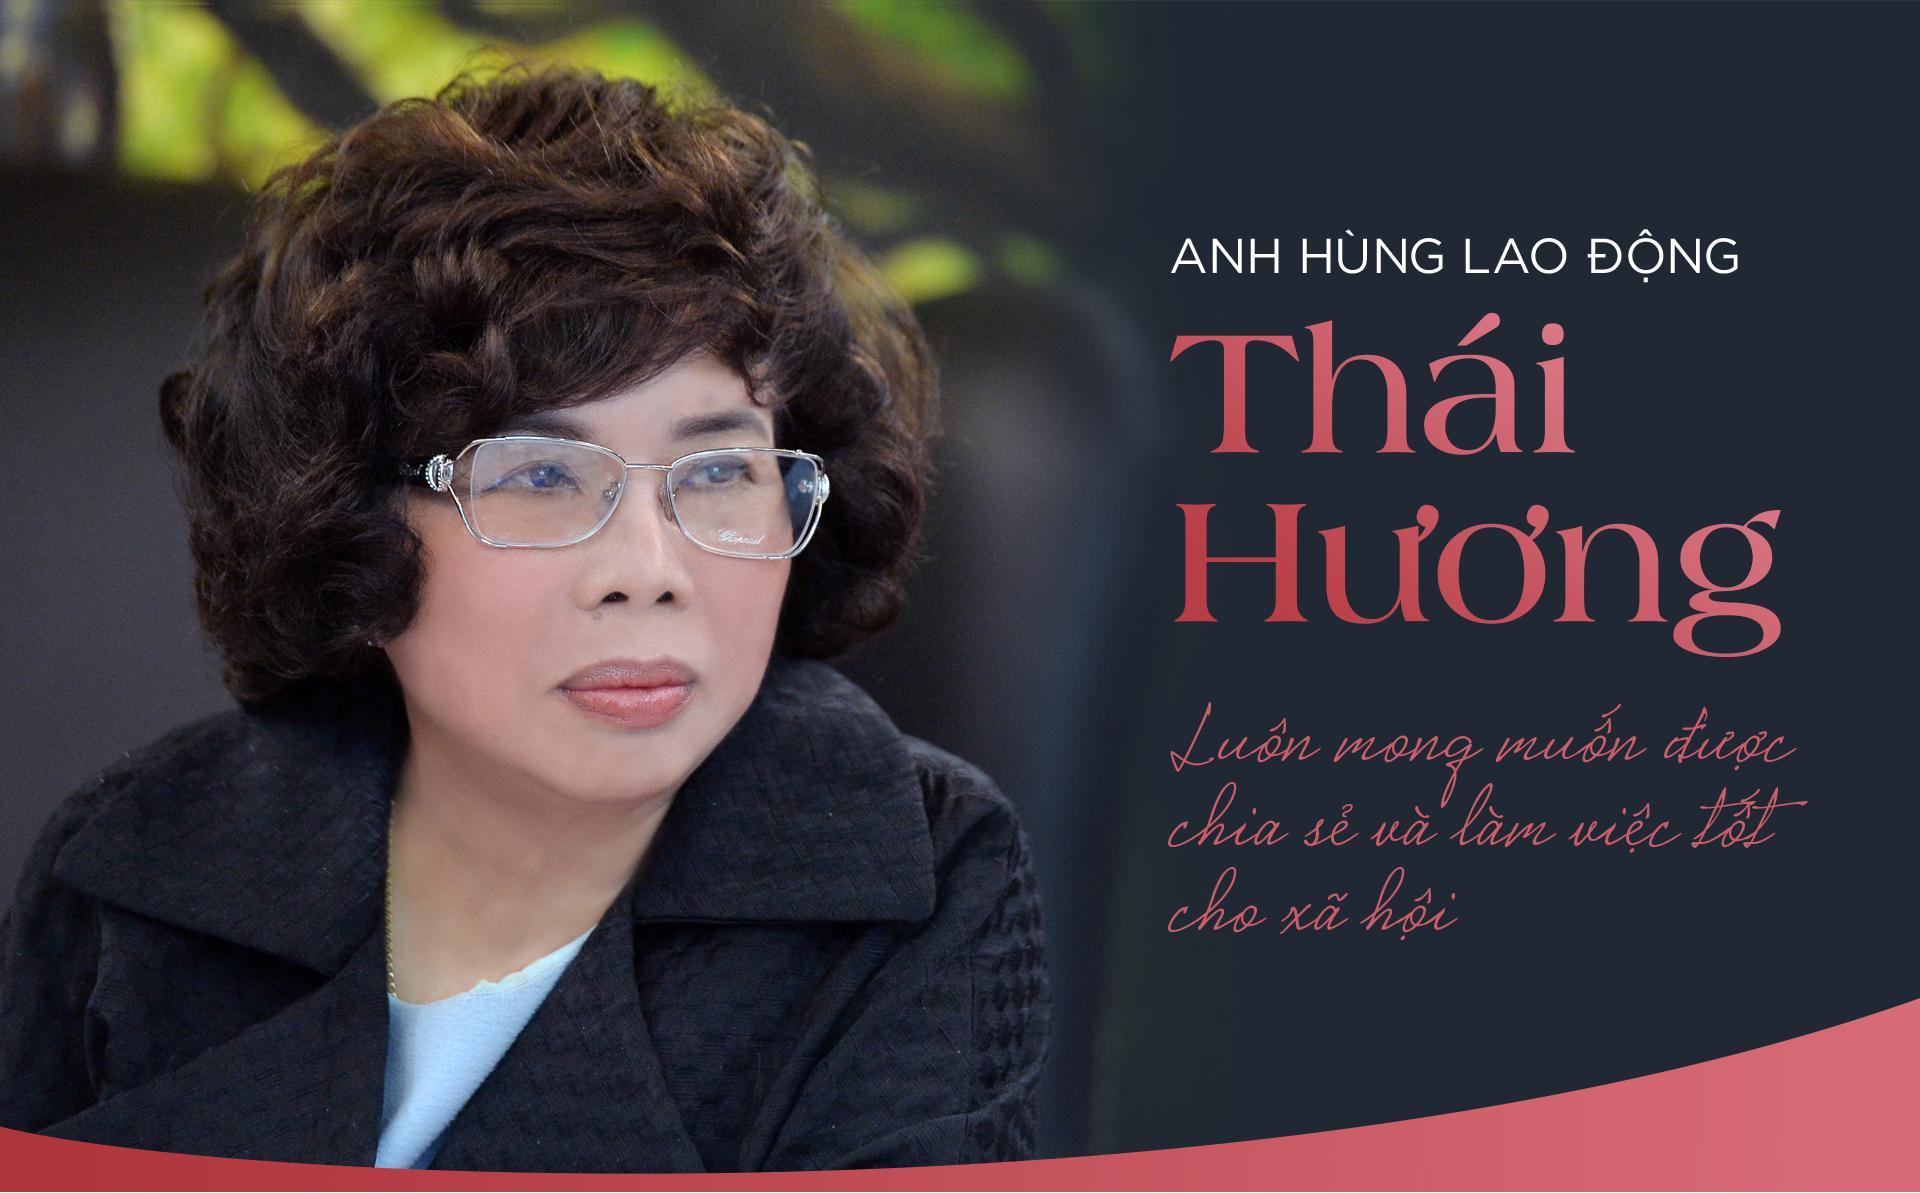 Anh hùng Lao động Thái Hương: Luôn mong muốn được chia sẻ và làm việc tốt cho xã hội